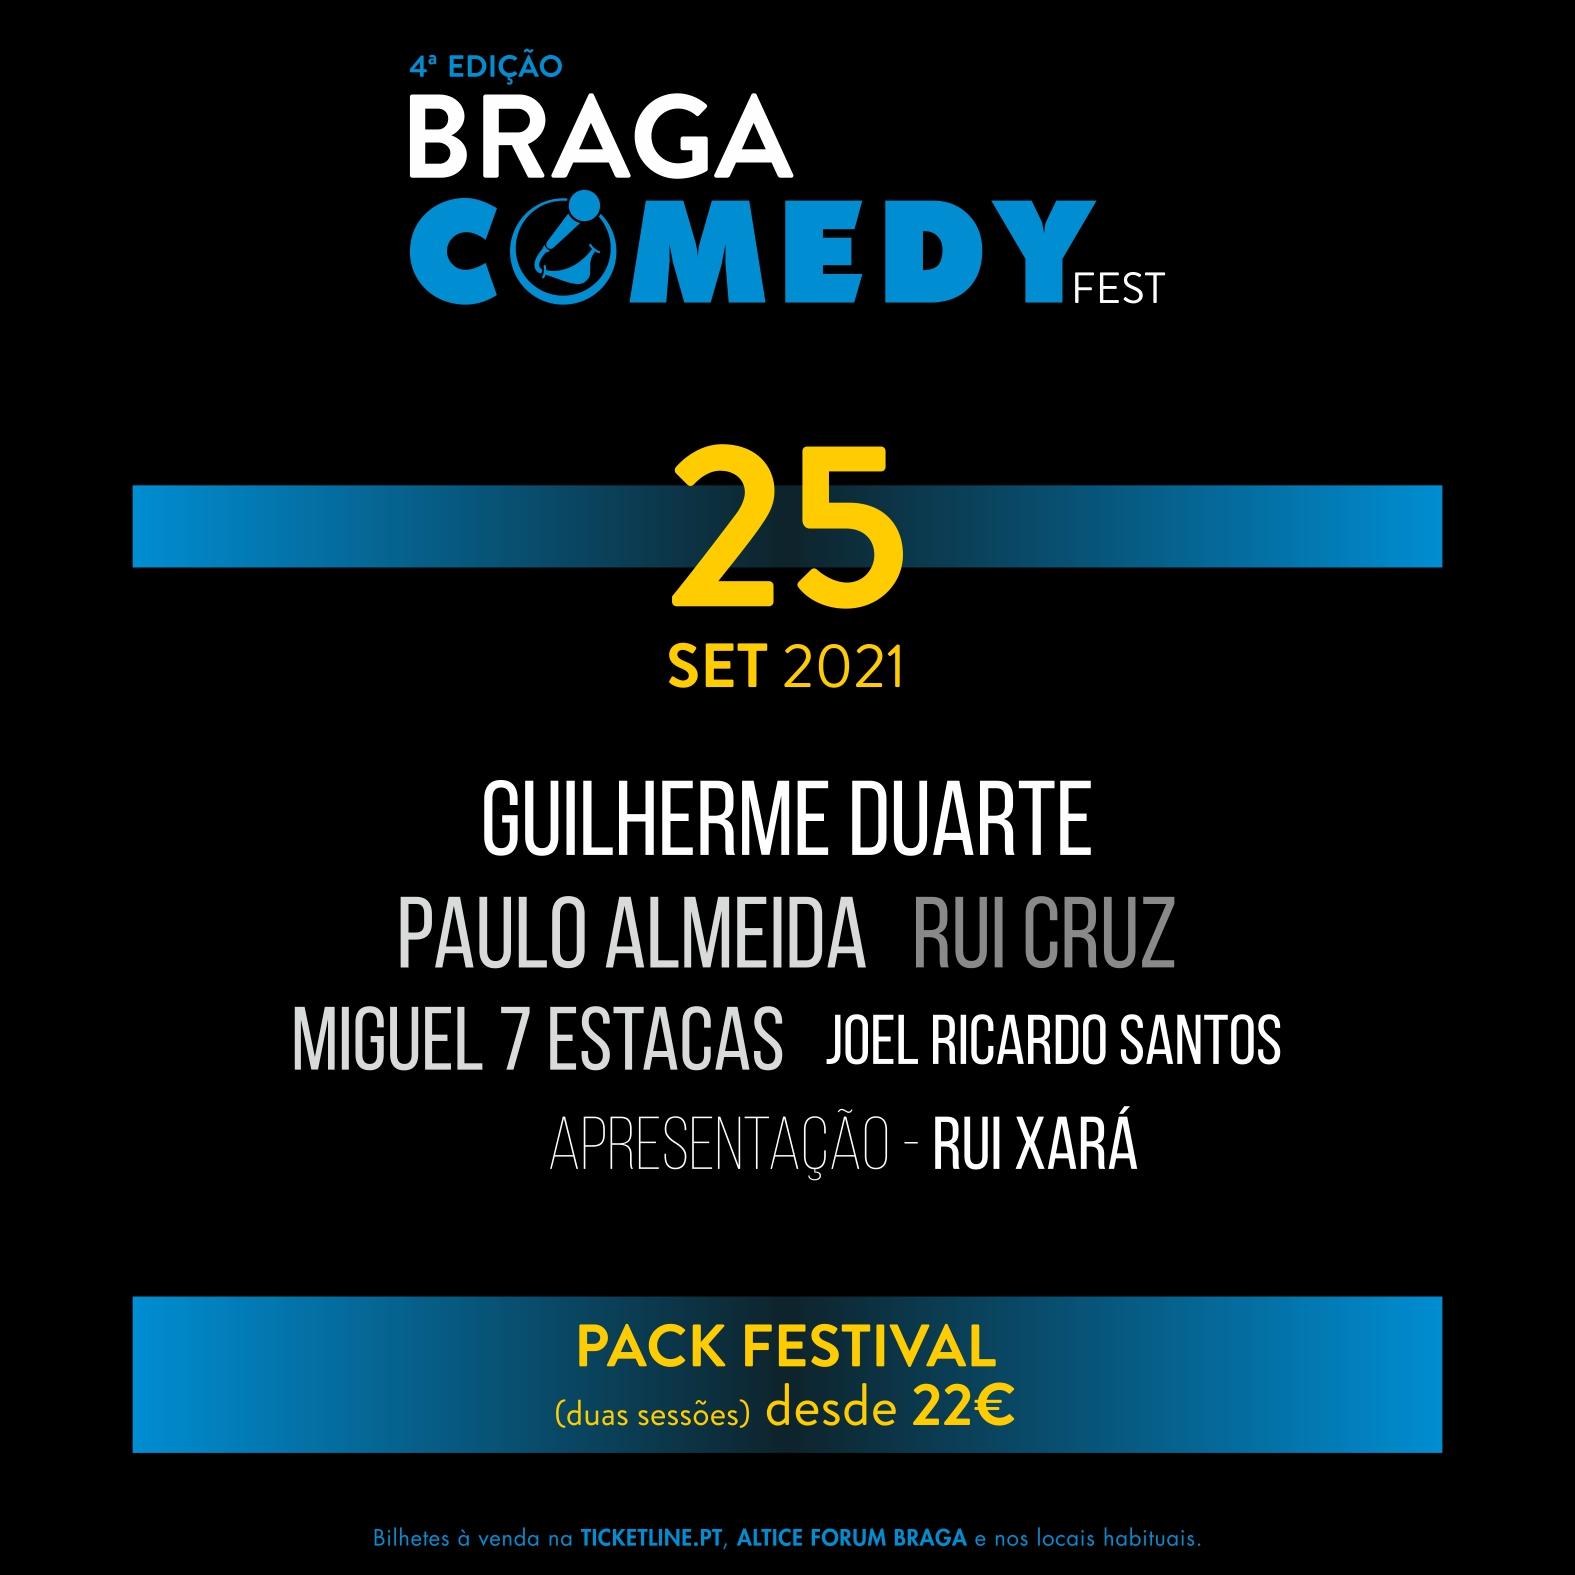 Braga Stand Up Comedy Fest (4ª edição)